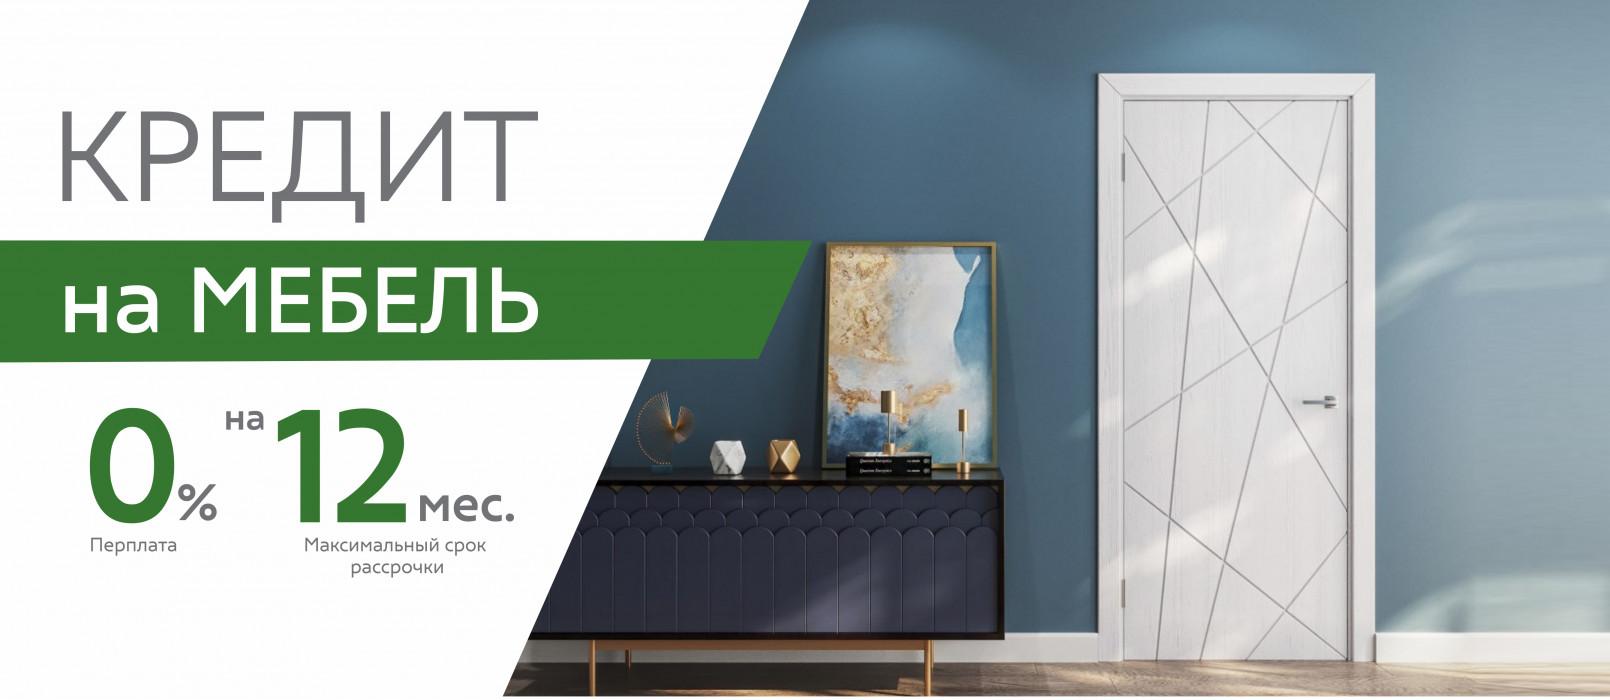 Мебель в Кредит